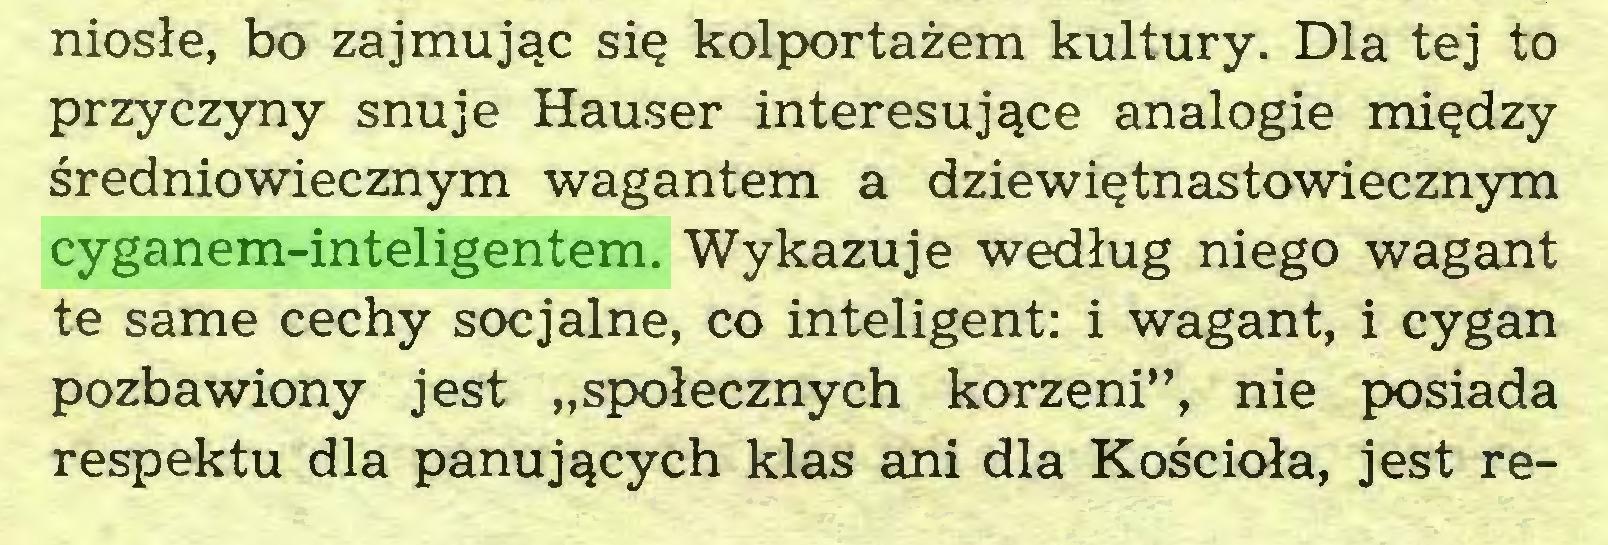 """(...) niosłe, bo zajmując się kolportażem kultury. Dla tej to przyczyny snuje Hauser interesujące analogie między średniowiecznym wagantem a dziewiętnastowiecznym cyganem-inteligentem. Wykazuje według niego wagant te same cechy socjalne, co inteligent: i wagant, i cygan pozbawiony jest """"społecznych korzeni"""", nie posiada respektu dla panujących klas ani dla Kościoła, jest re..."""